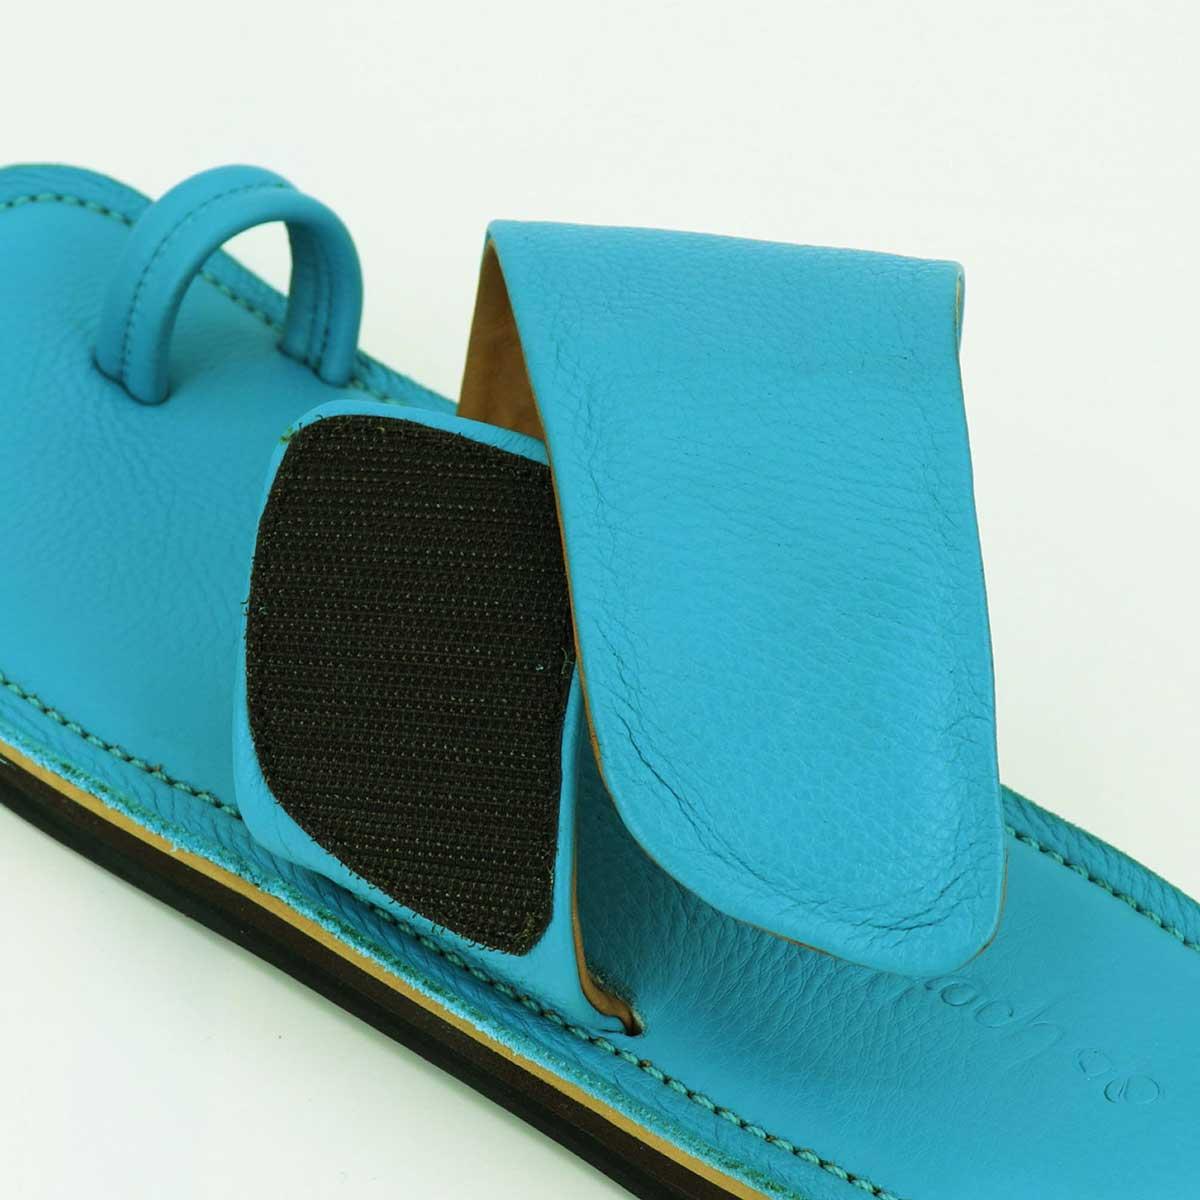 ポルペッタ POLPETTA メンズ グレインレザー サンダル TUBO NUDA-G TORQUISE (ターコイズ)